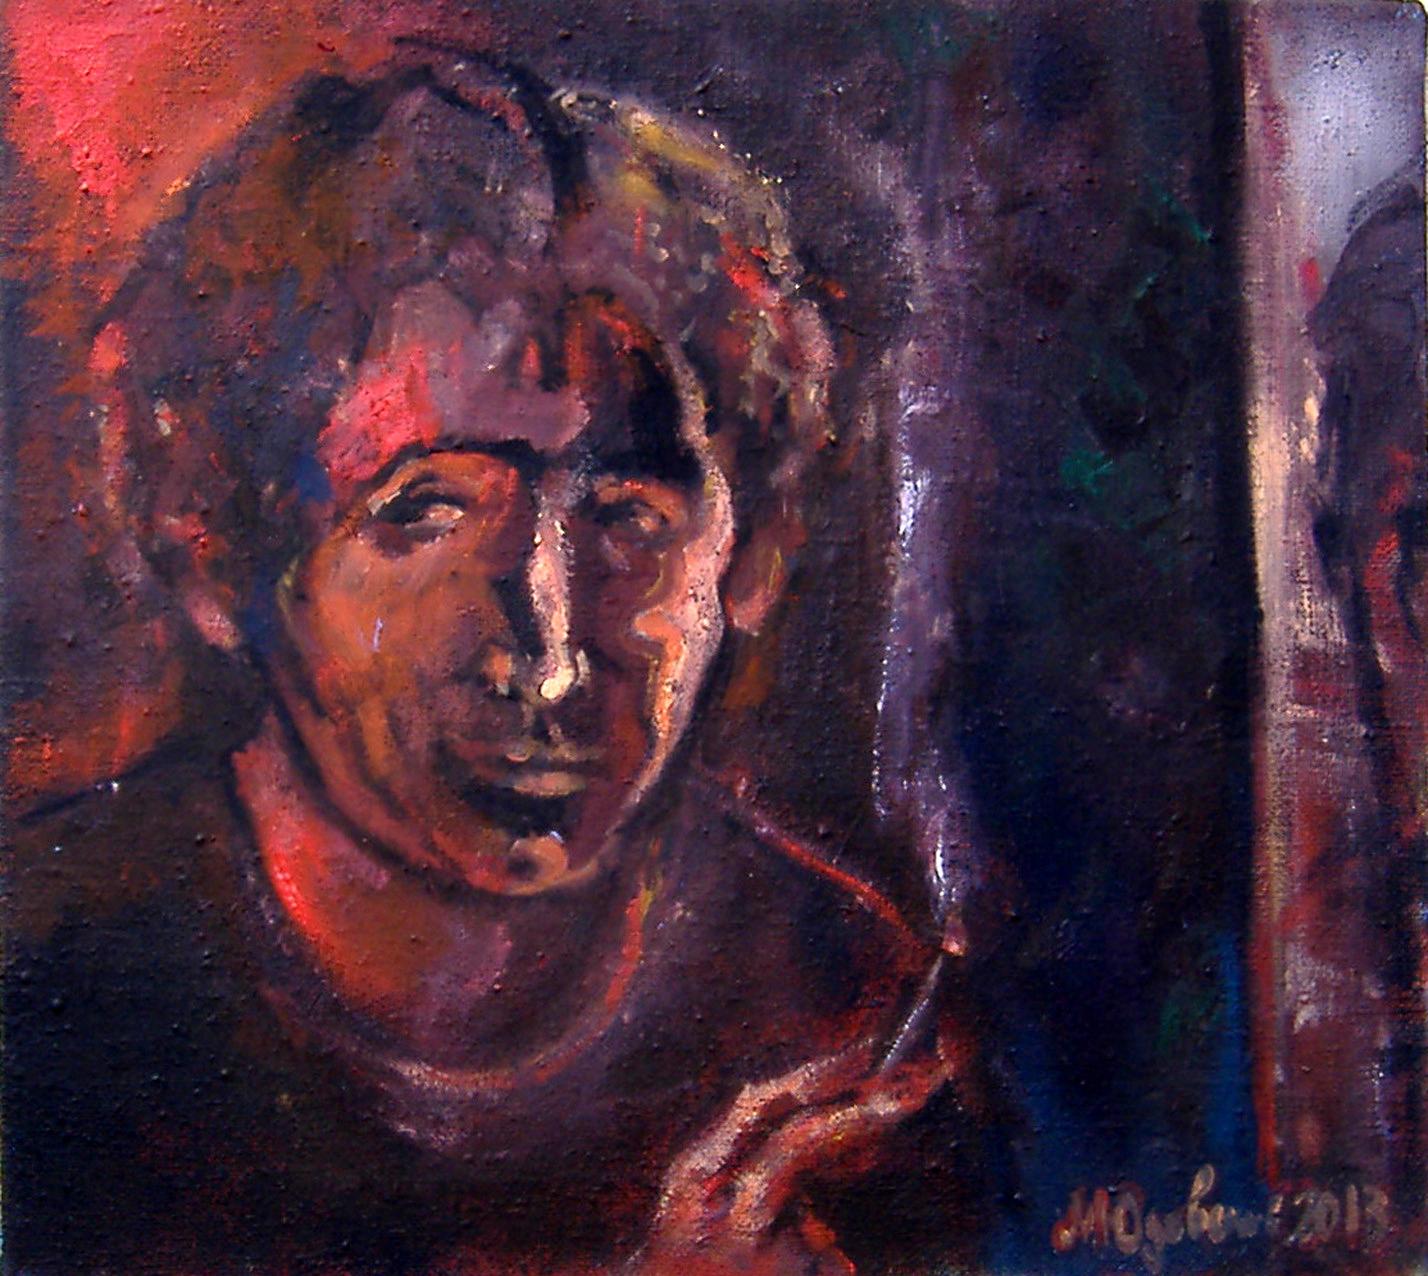 Михаил Юдовский. Автопортрет с сигаретой